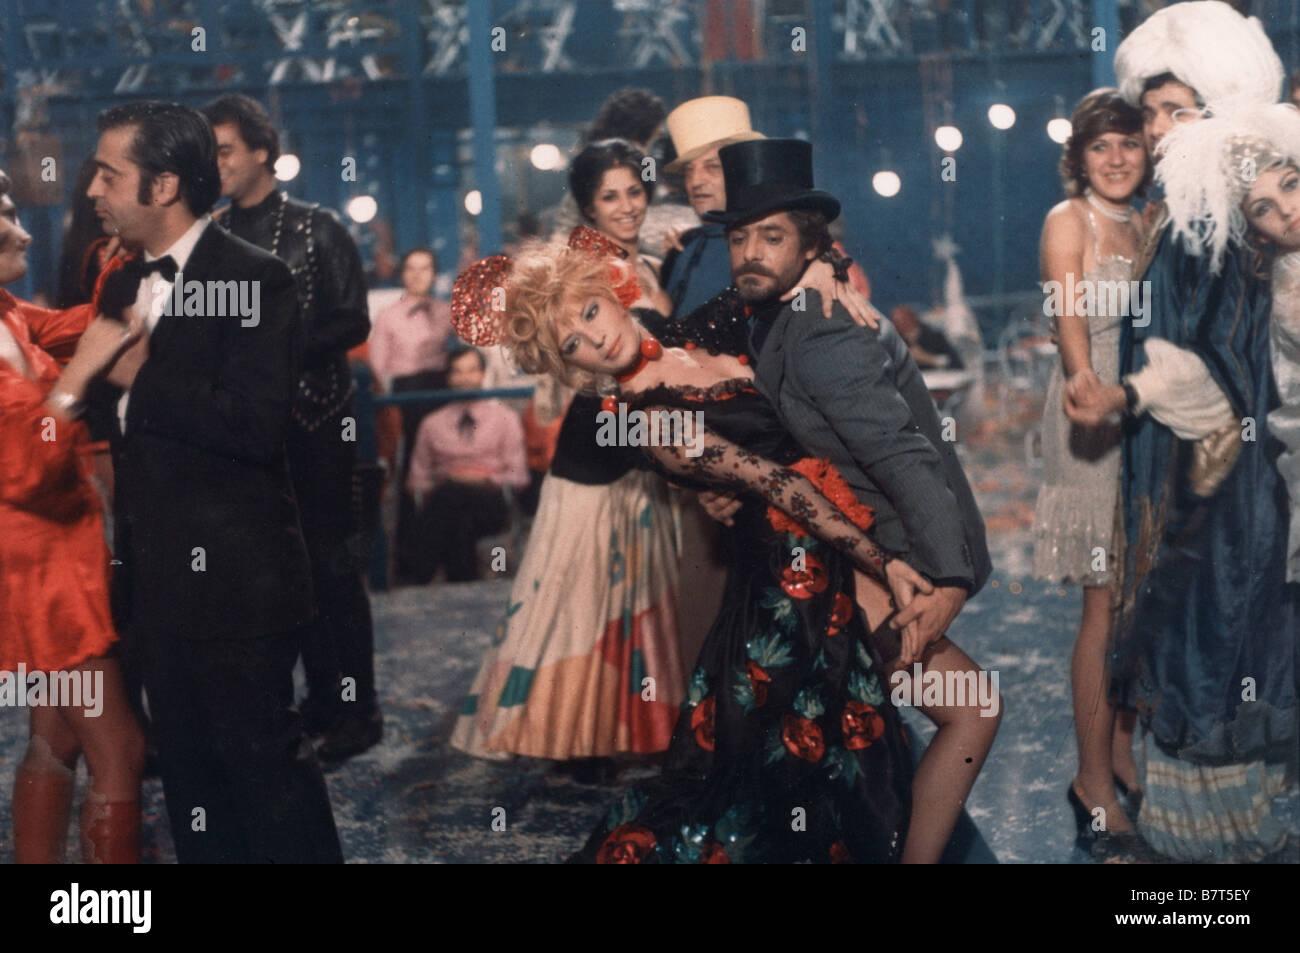 A Mezzanotte Va La Ronda Del Piacere Year 1975 Italy Monica Vitti Stock Photo Alamy